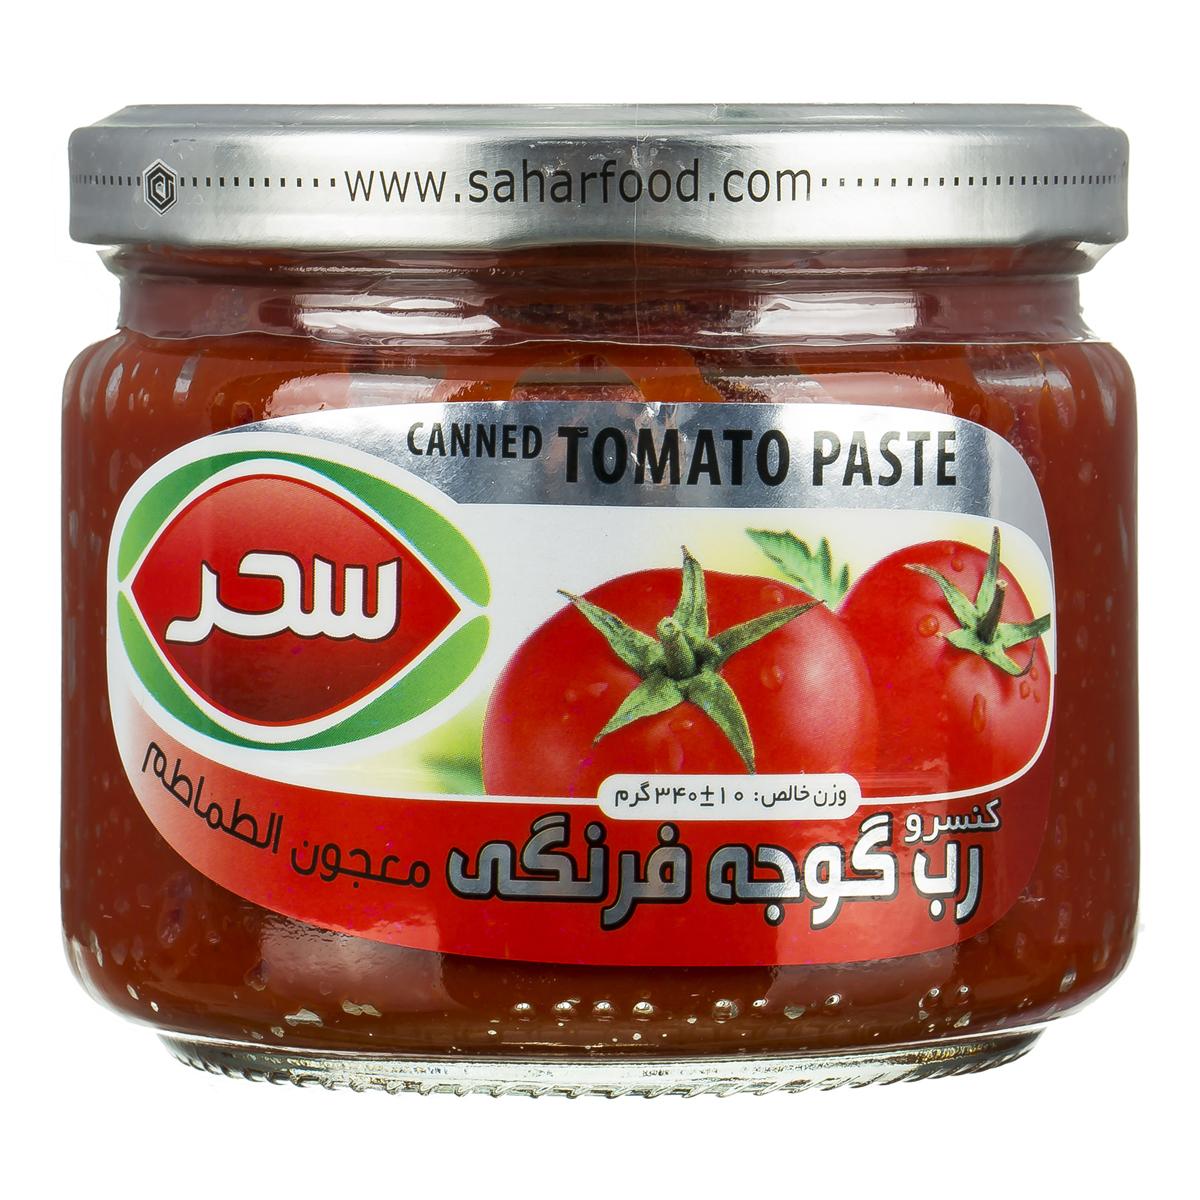 رب گوجه شیشه ای 350 گرمی سحر - رب گوجه شیشه ای 350 گرمی سحر